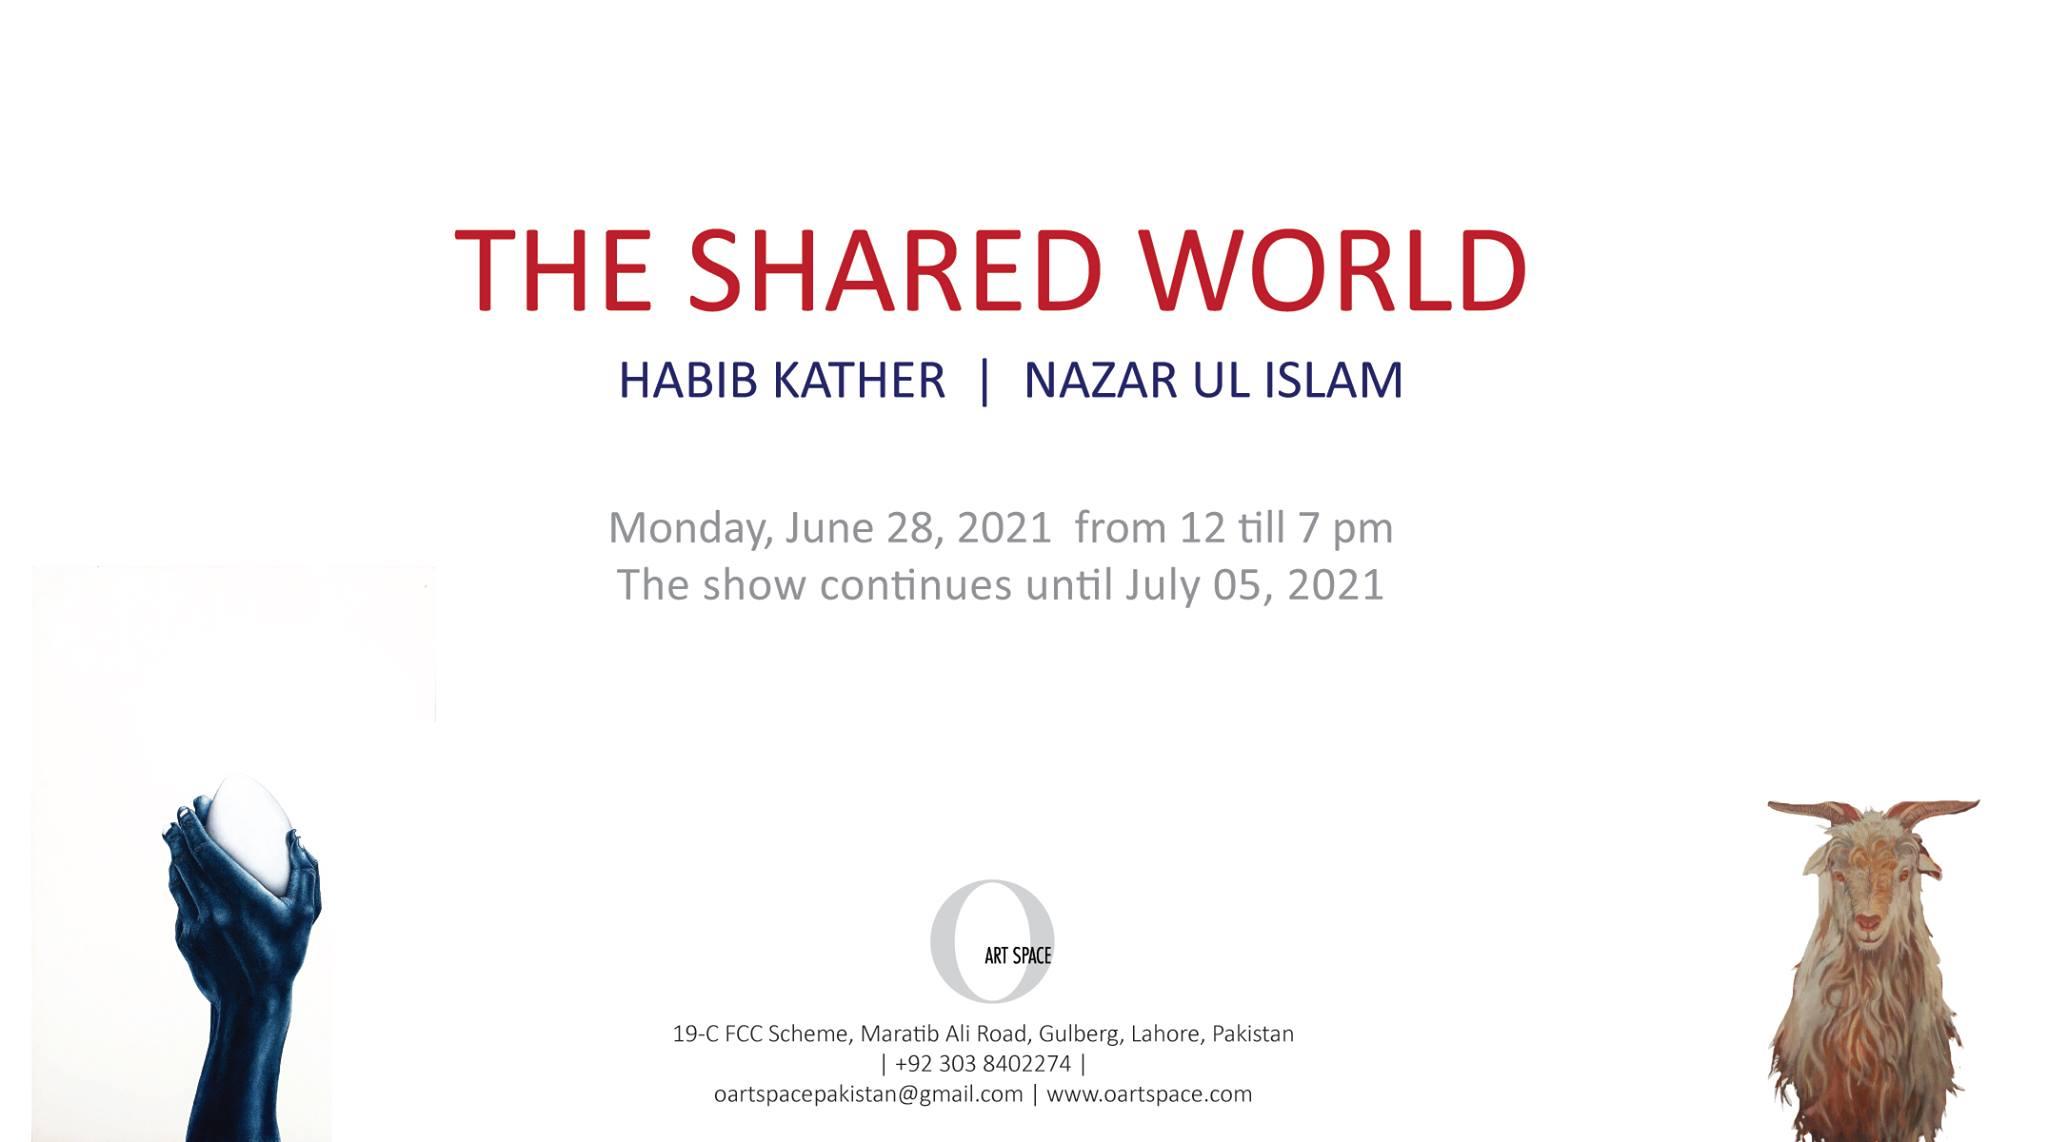 The Shared World